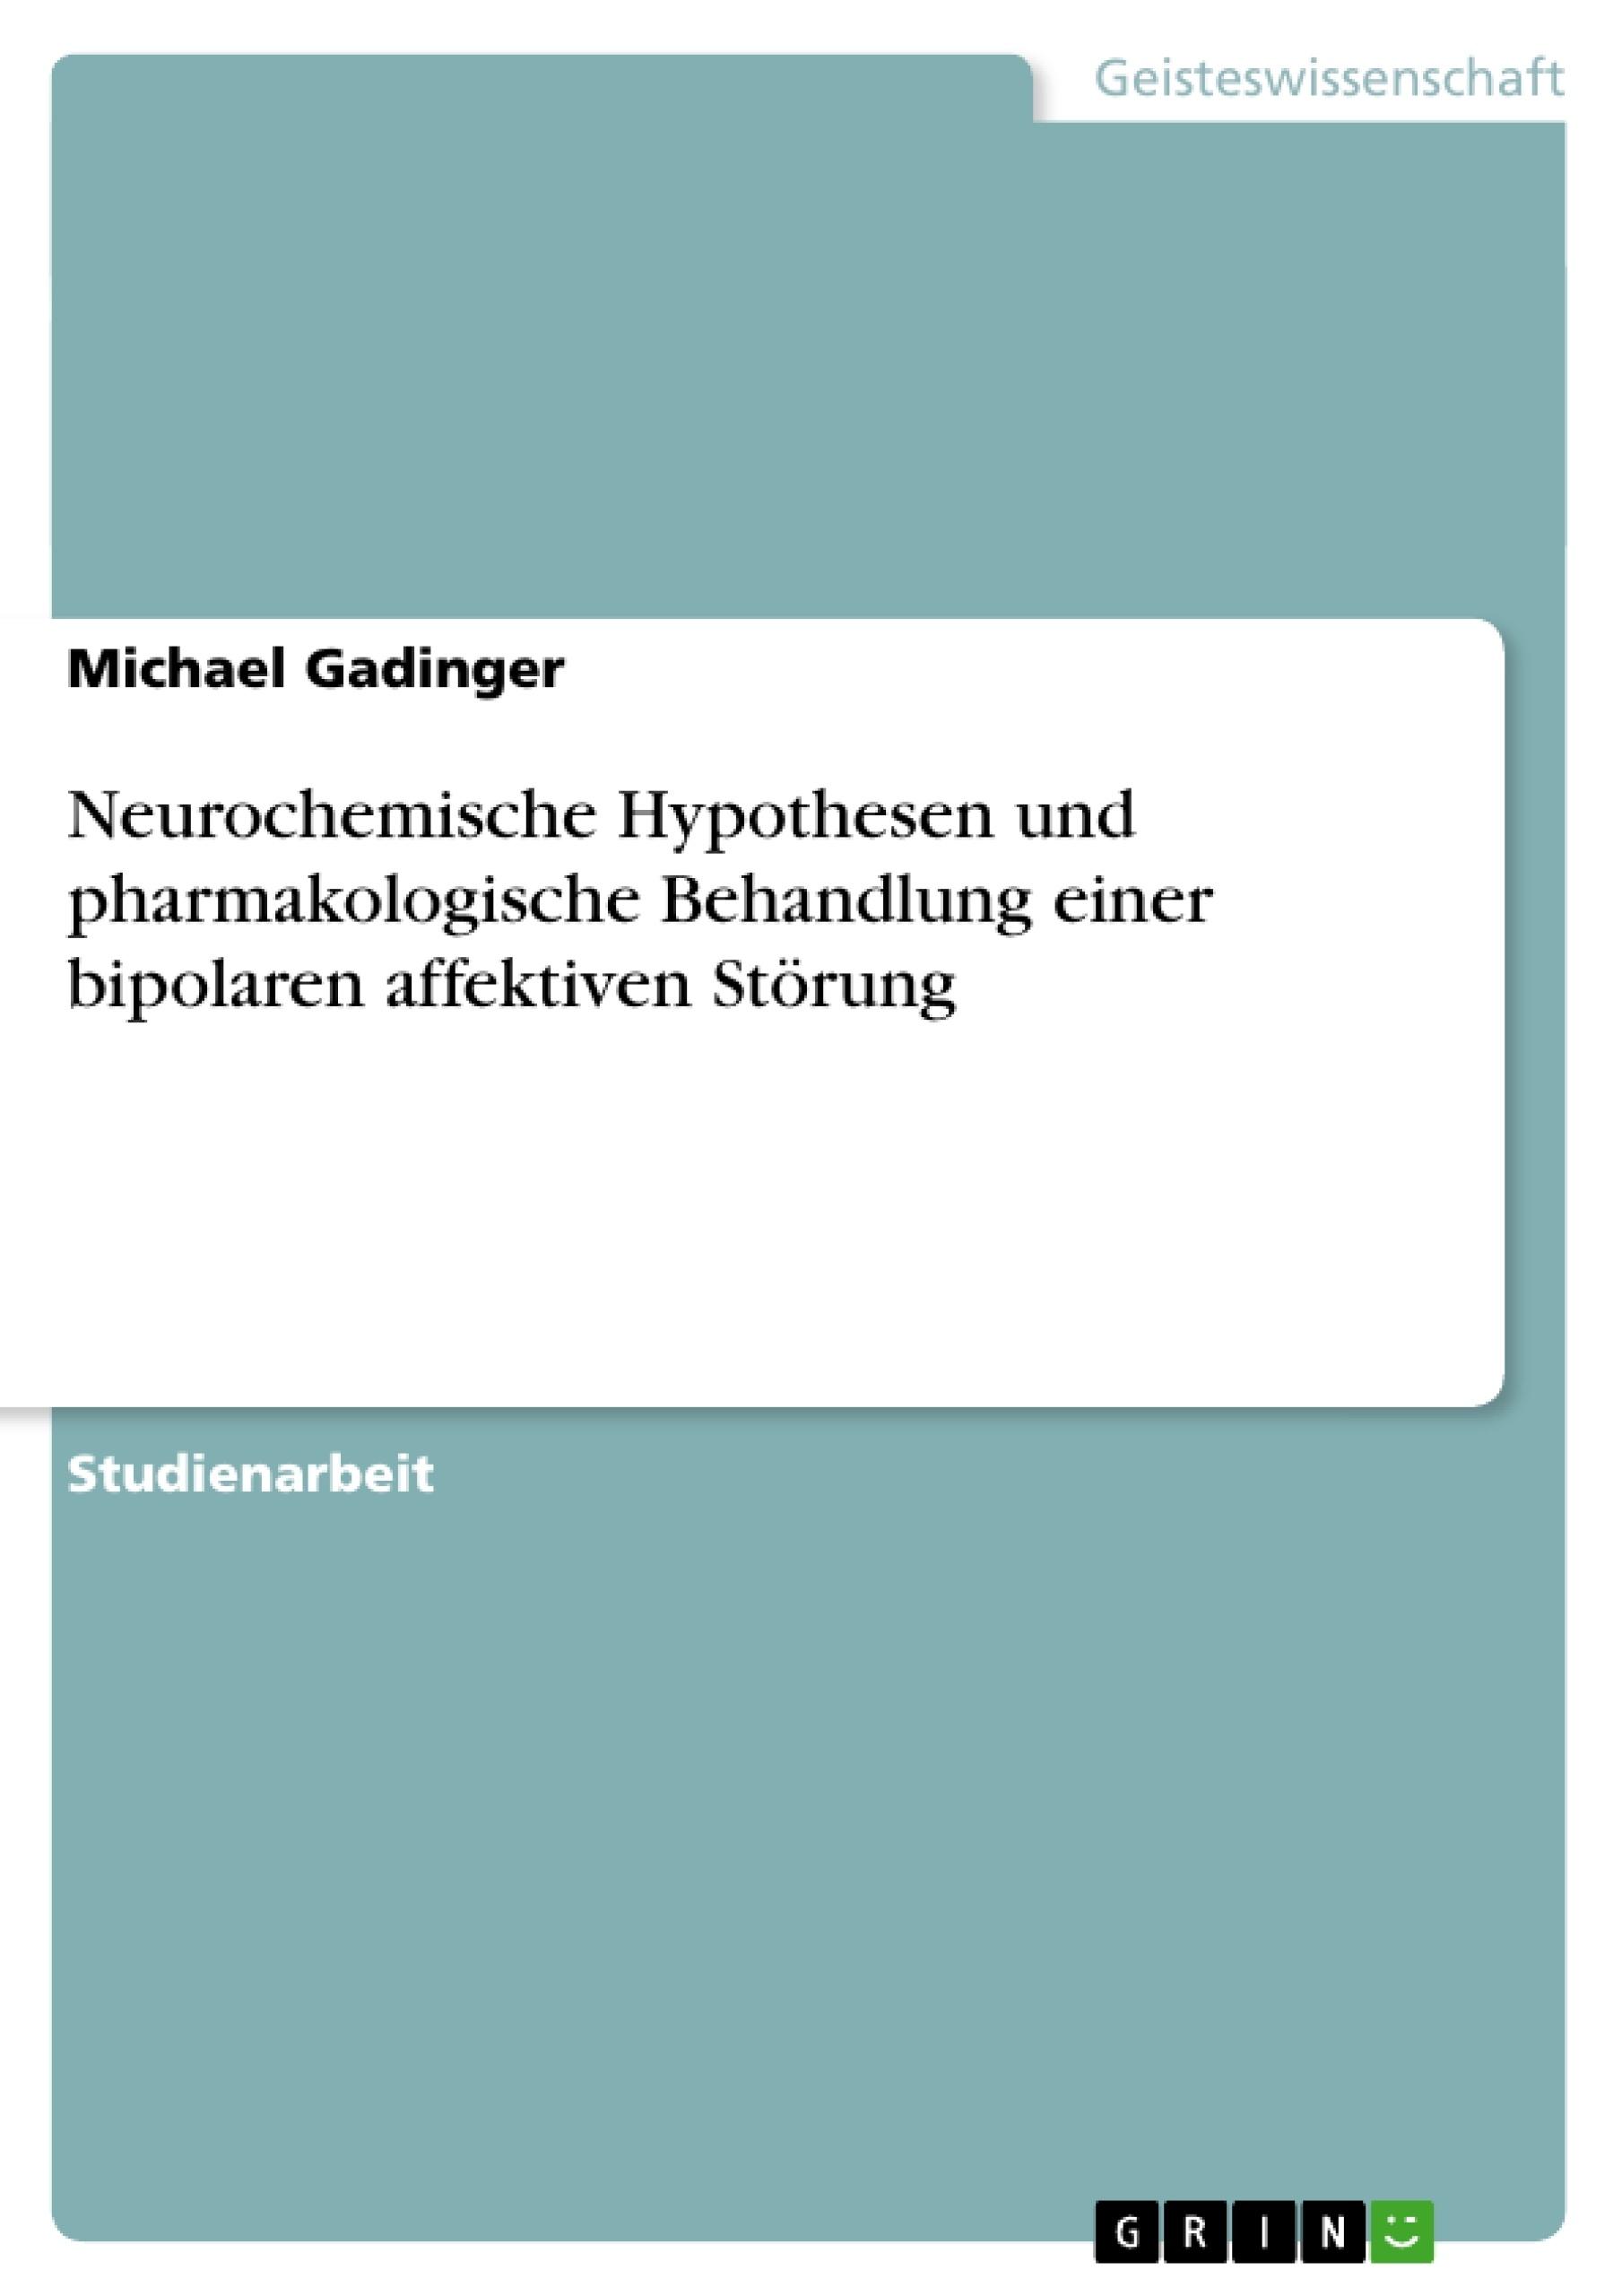 Titel: Neurochemische Hypothesen und pharmakologische Behandlung einer bipolaren affektiven Störung